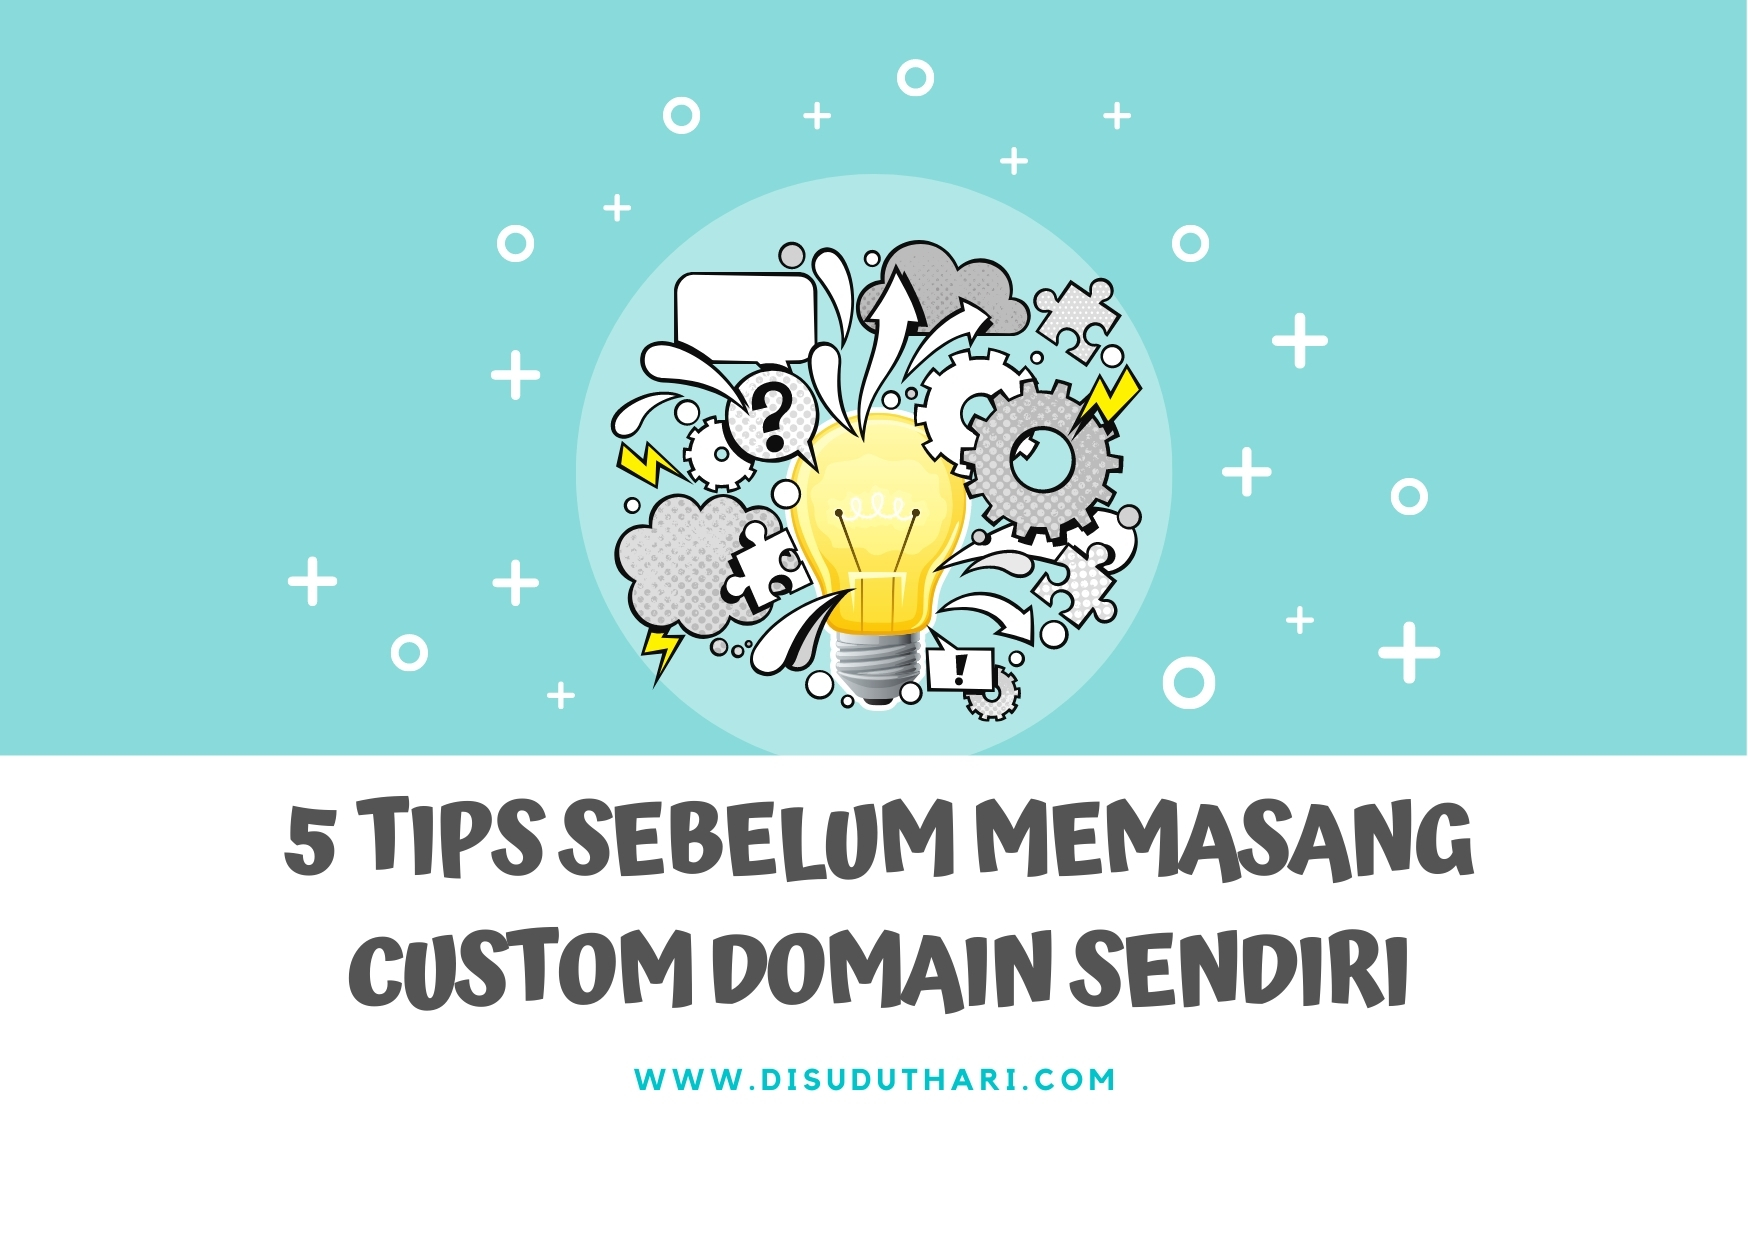 Memasang Custom Domain Sendiri